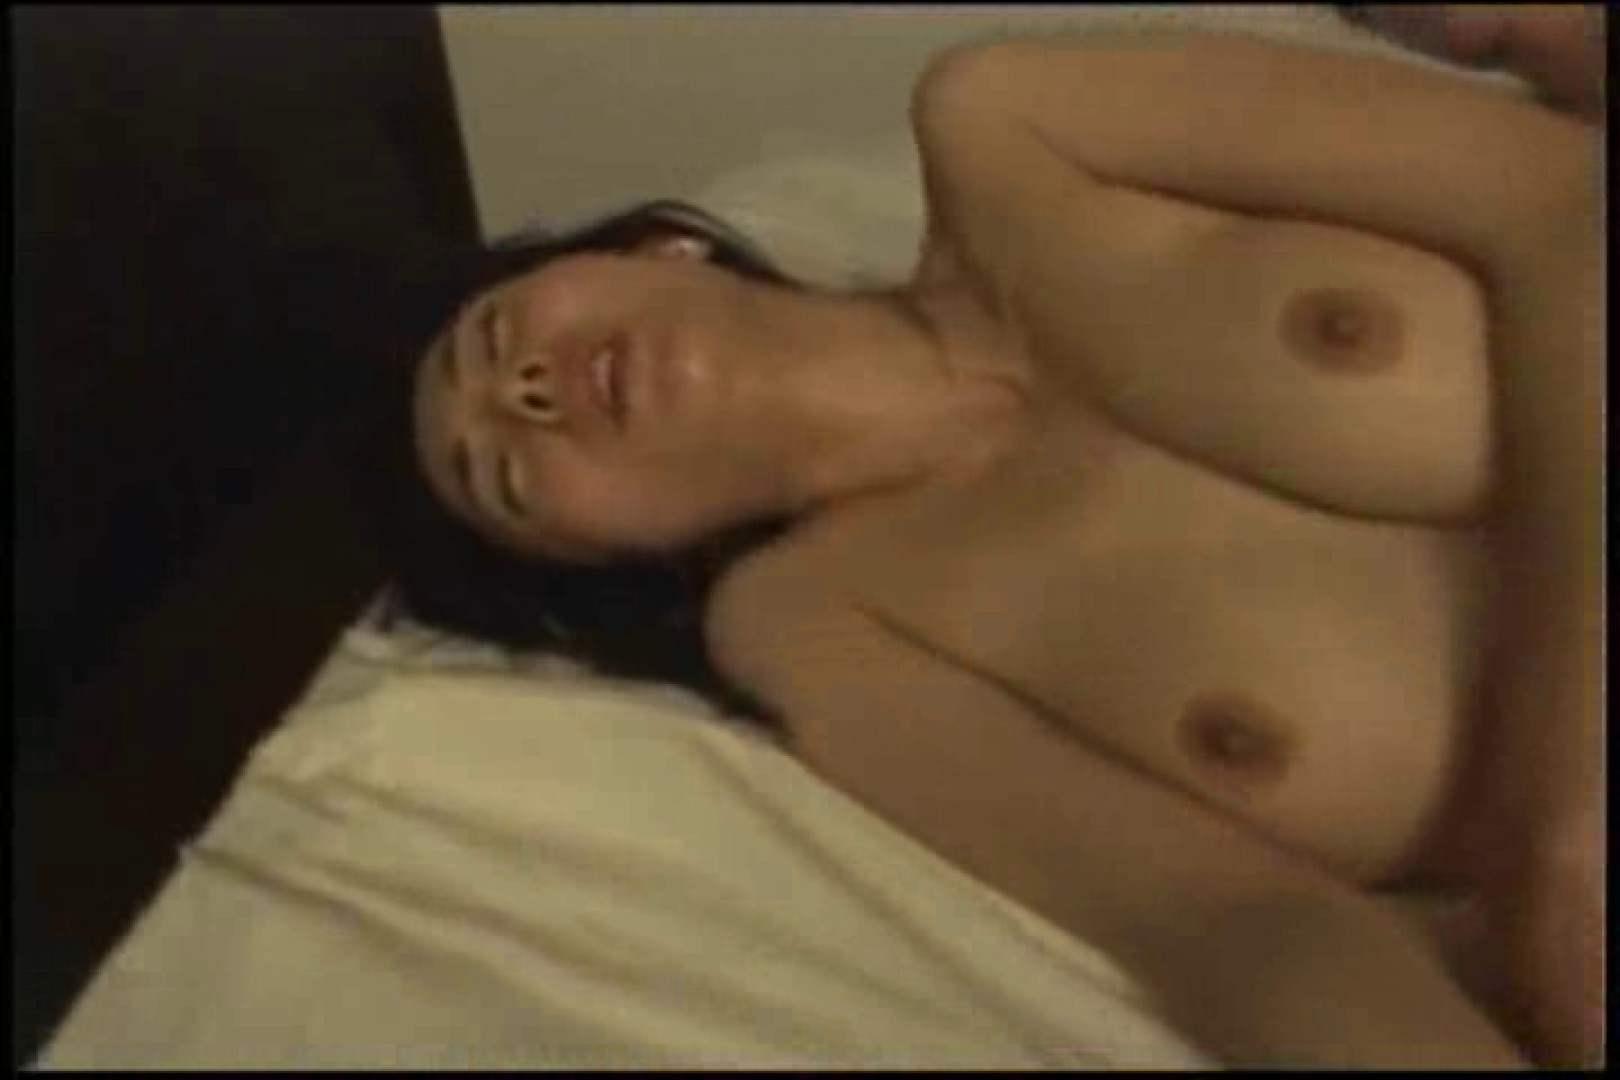 自慰行為中の乳首の起ちっぷりがセクシー 早川葉子 可愛い乳首 ワレメ動画紹介 106pic 7